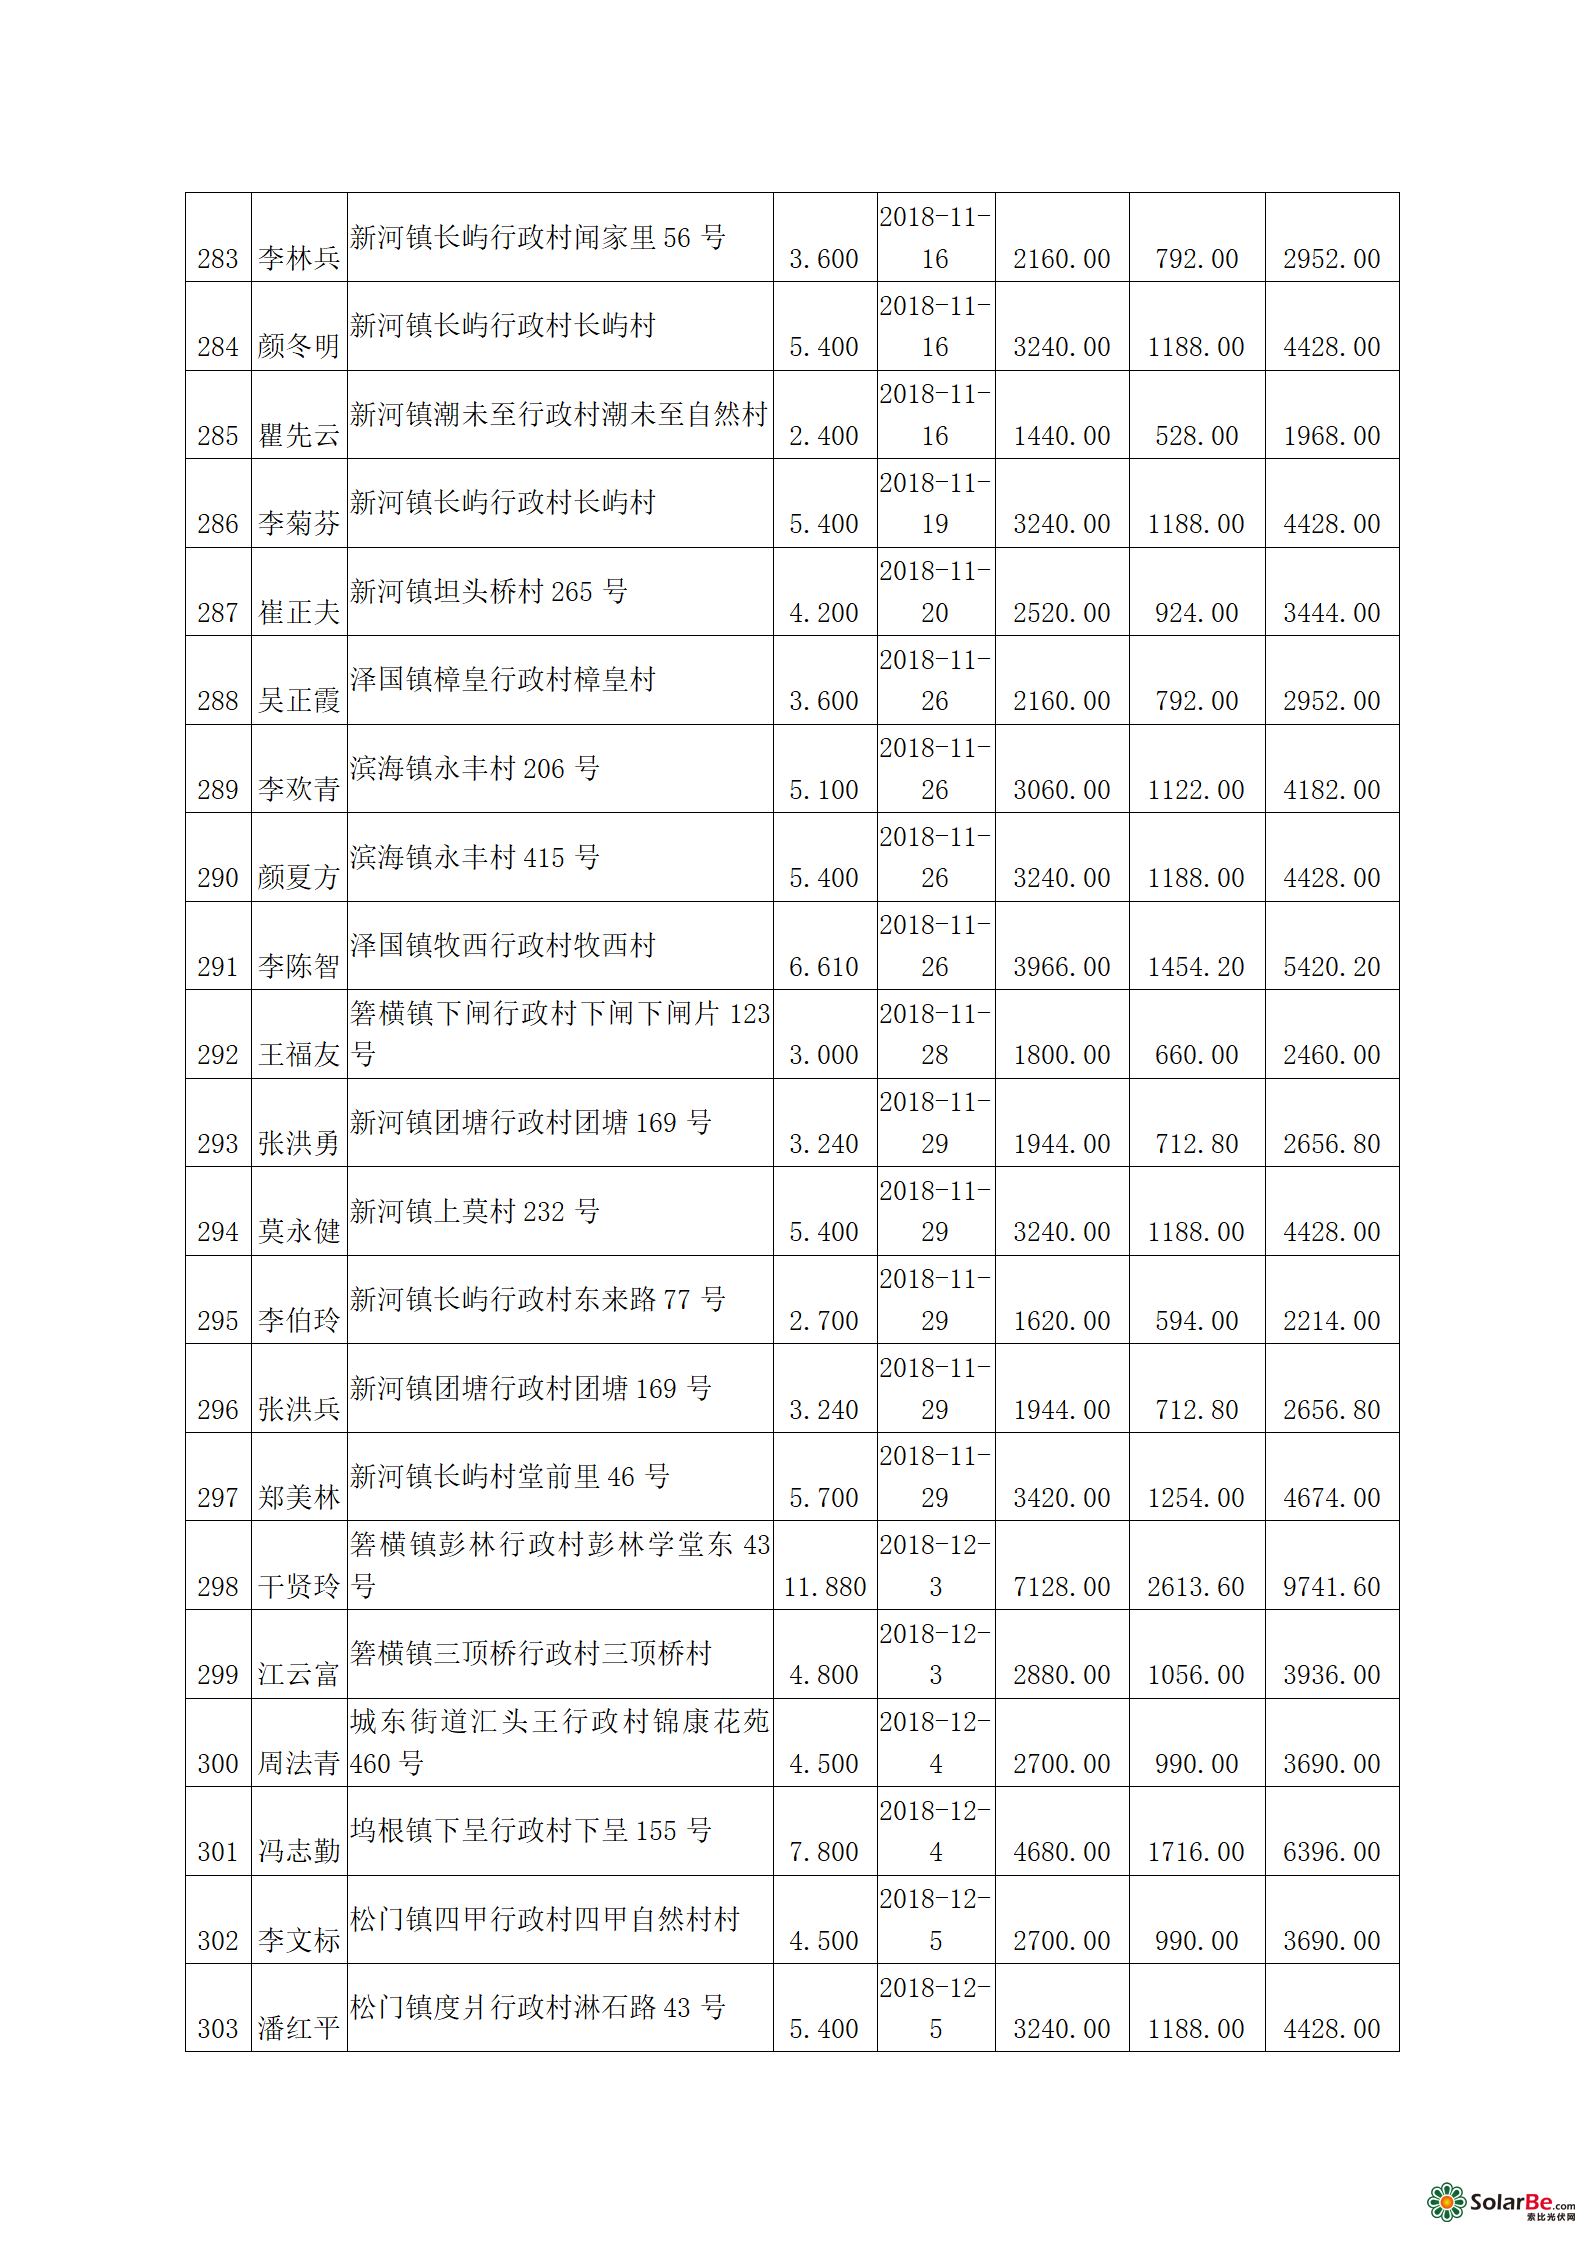 关于家庭及村集体屋顶分布式光伏补助名单(第一批)+公示_14.png